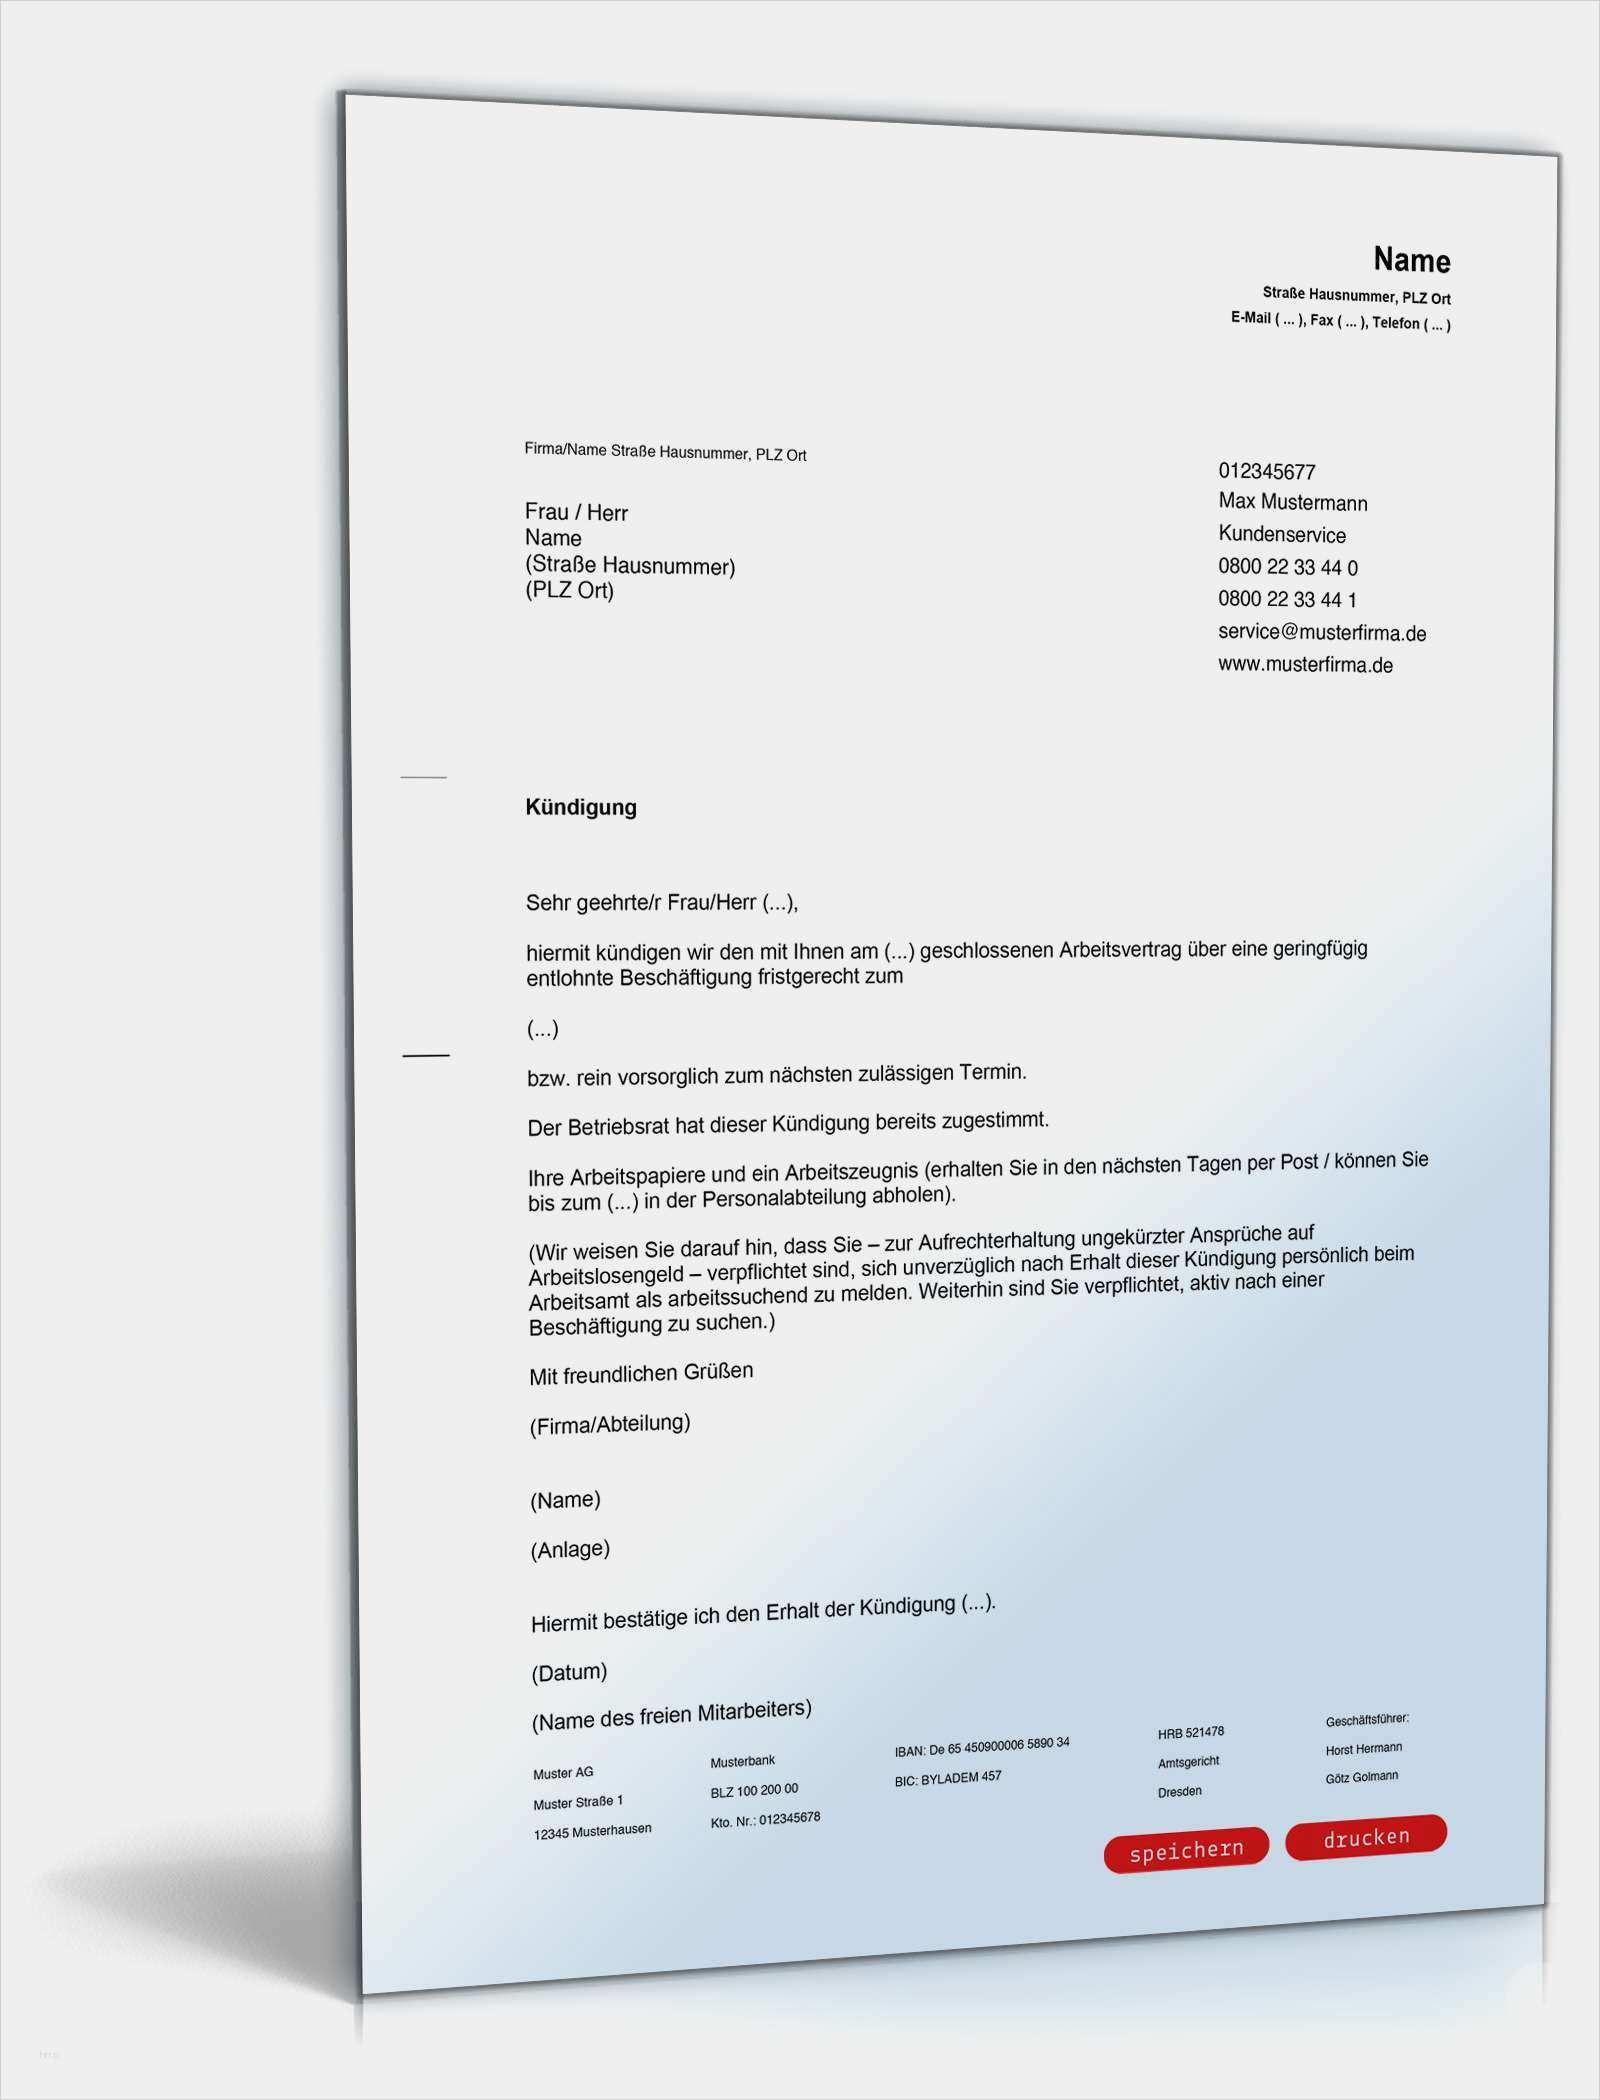 34 Schonste 400 Euro Job Kundigung Vorlage Galerie In 2020 Finanzen Finanzamt Lebenslauf